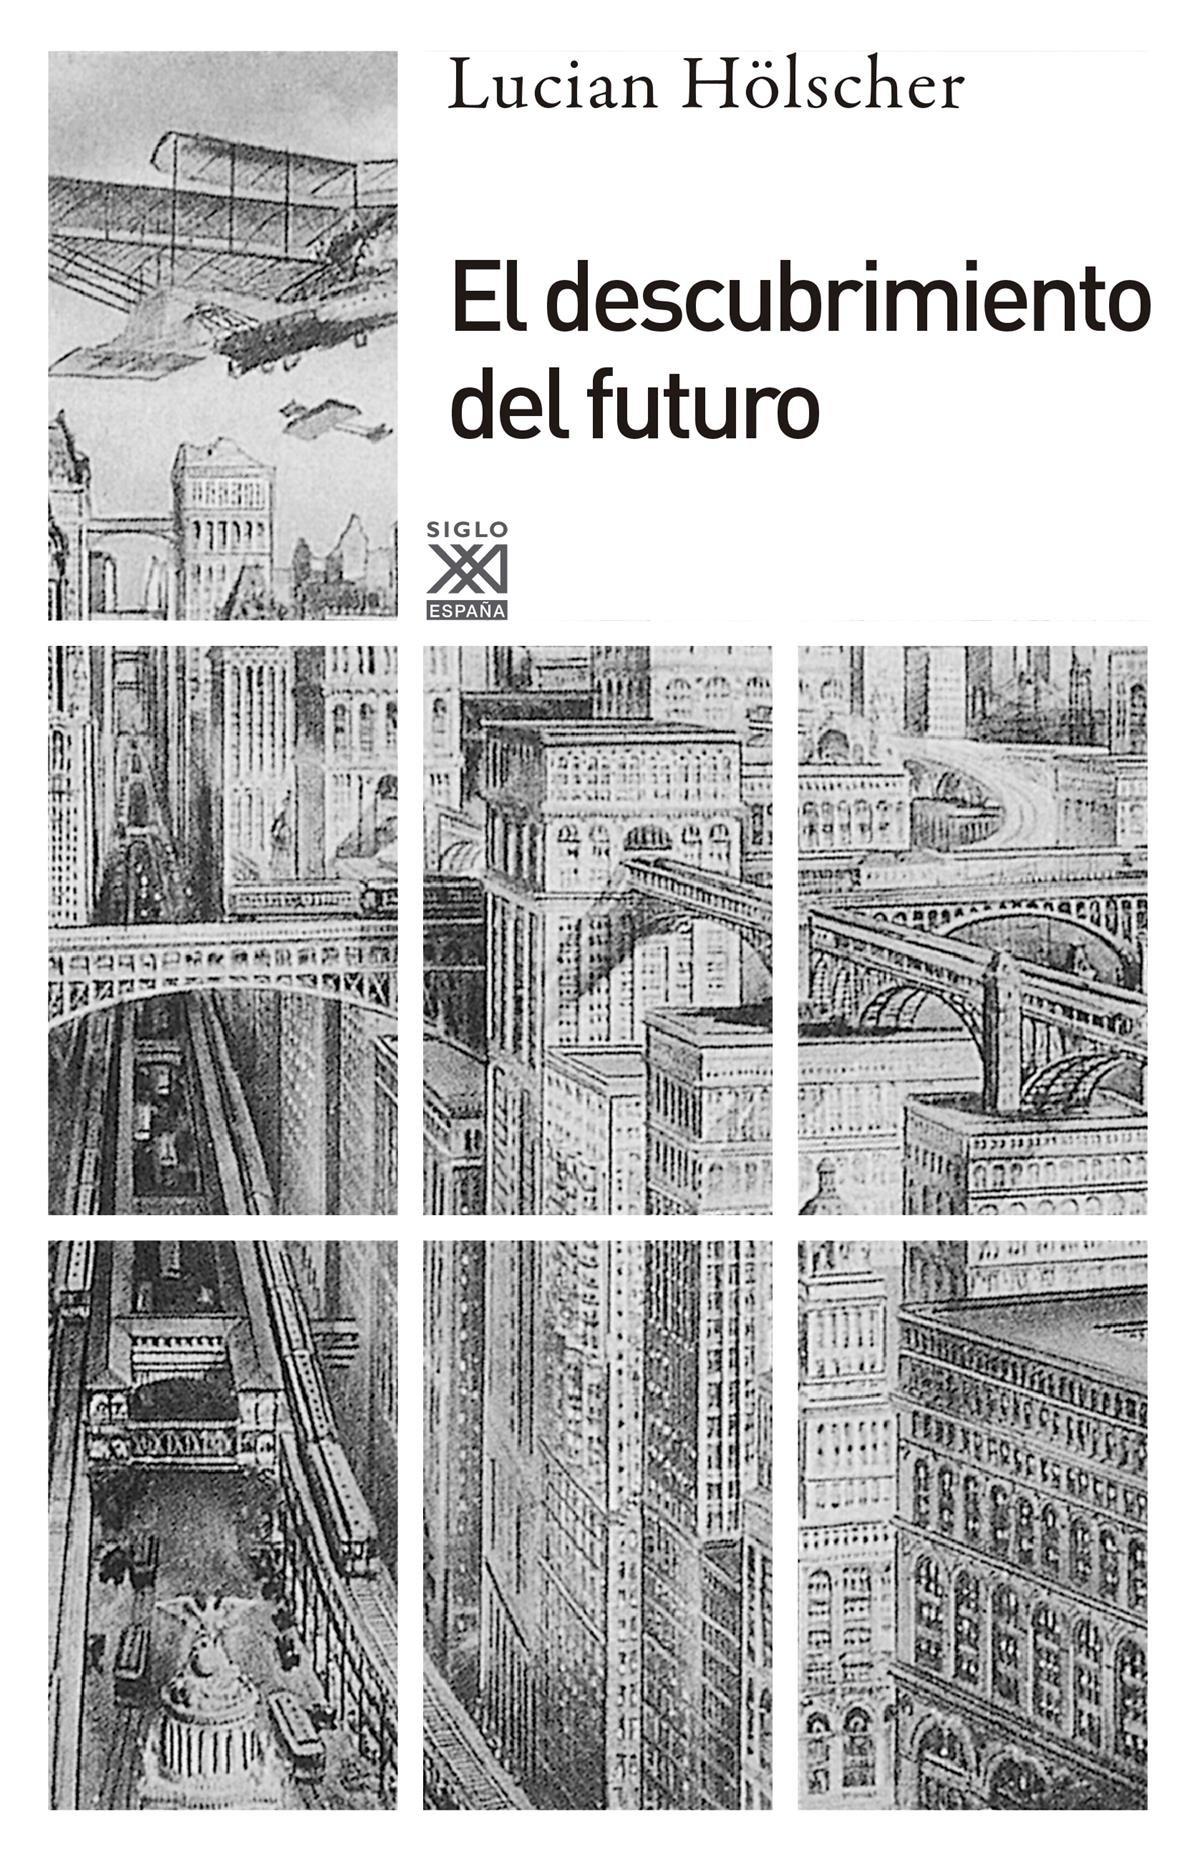 El descubrimiento del futuro Siglo XXI de España General: Amazon.es: Hölscher, Lucian, Martín Ramírez, Carlos: Libros